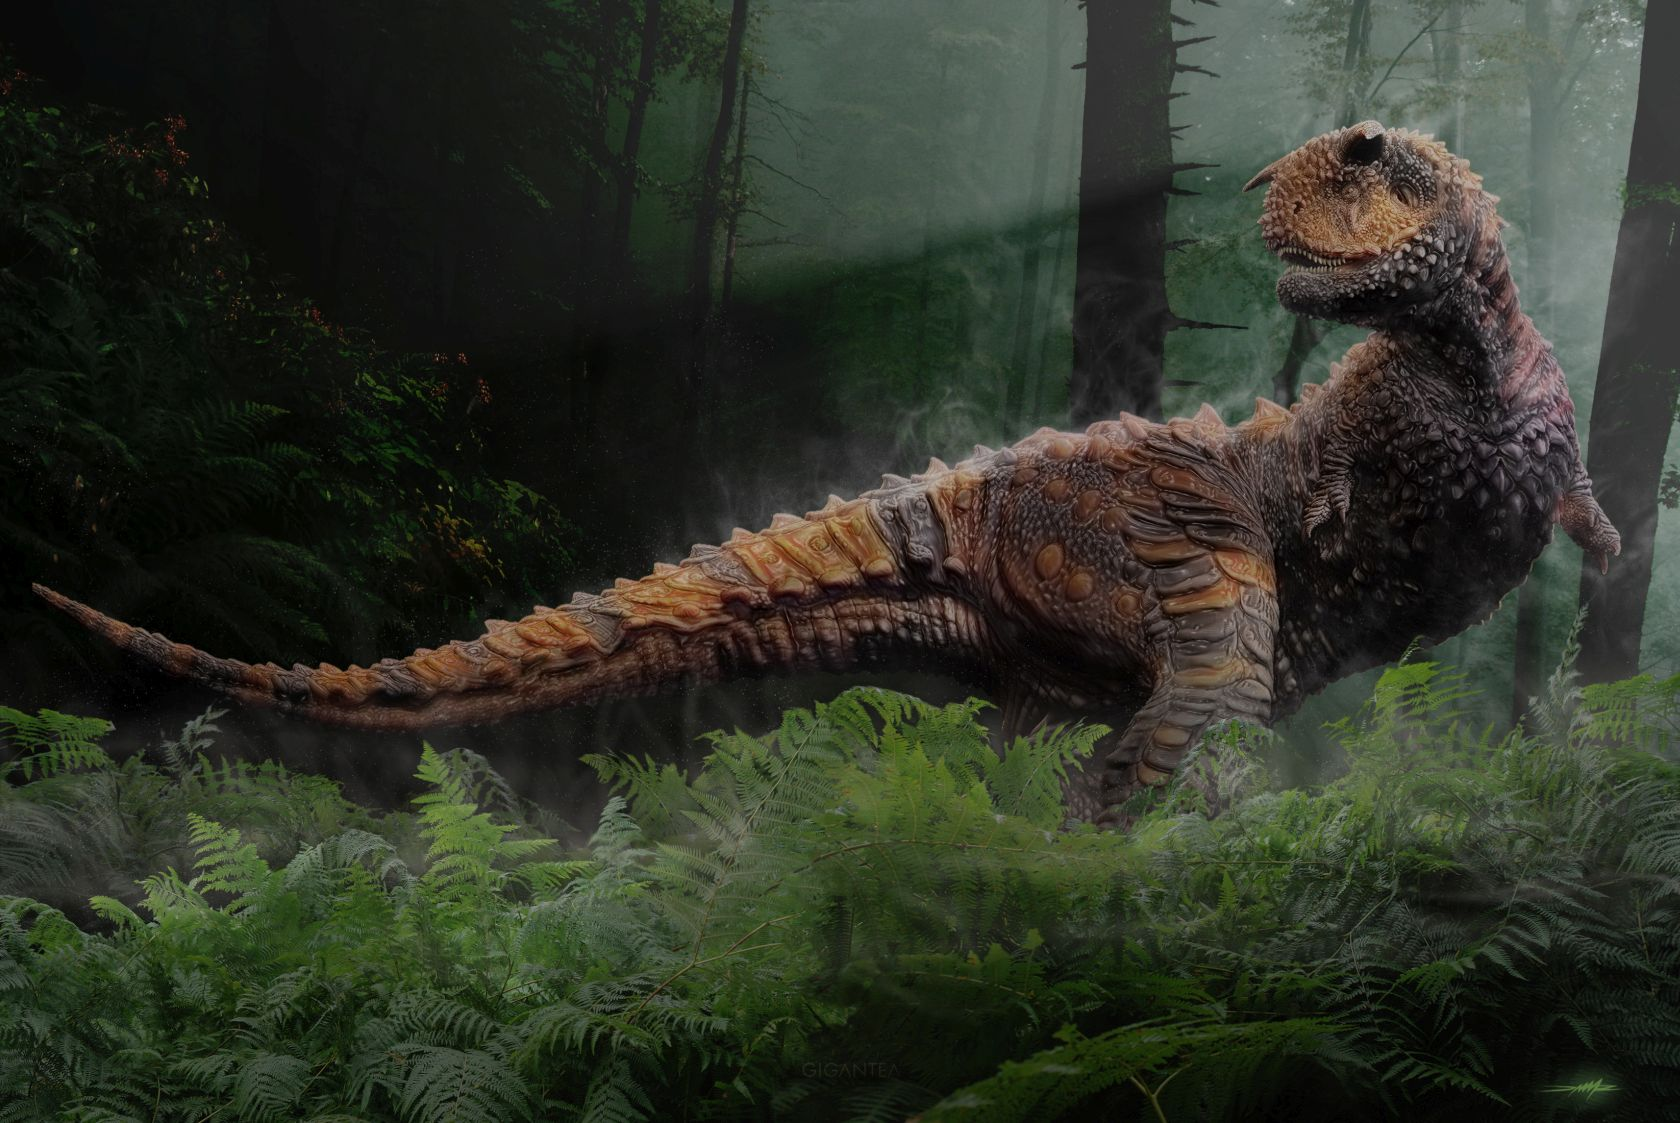 carnotaurus sastre nel suo abitat